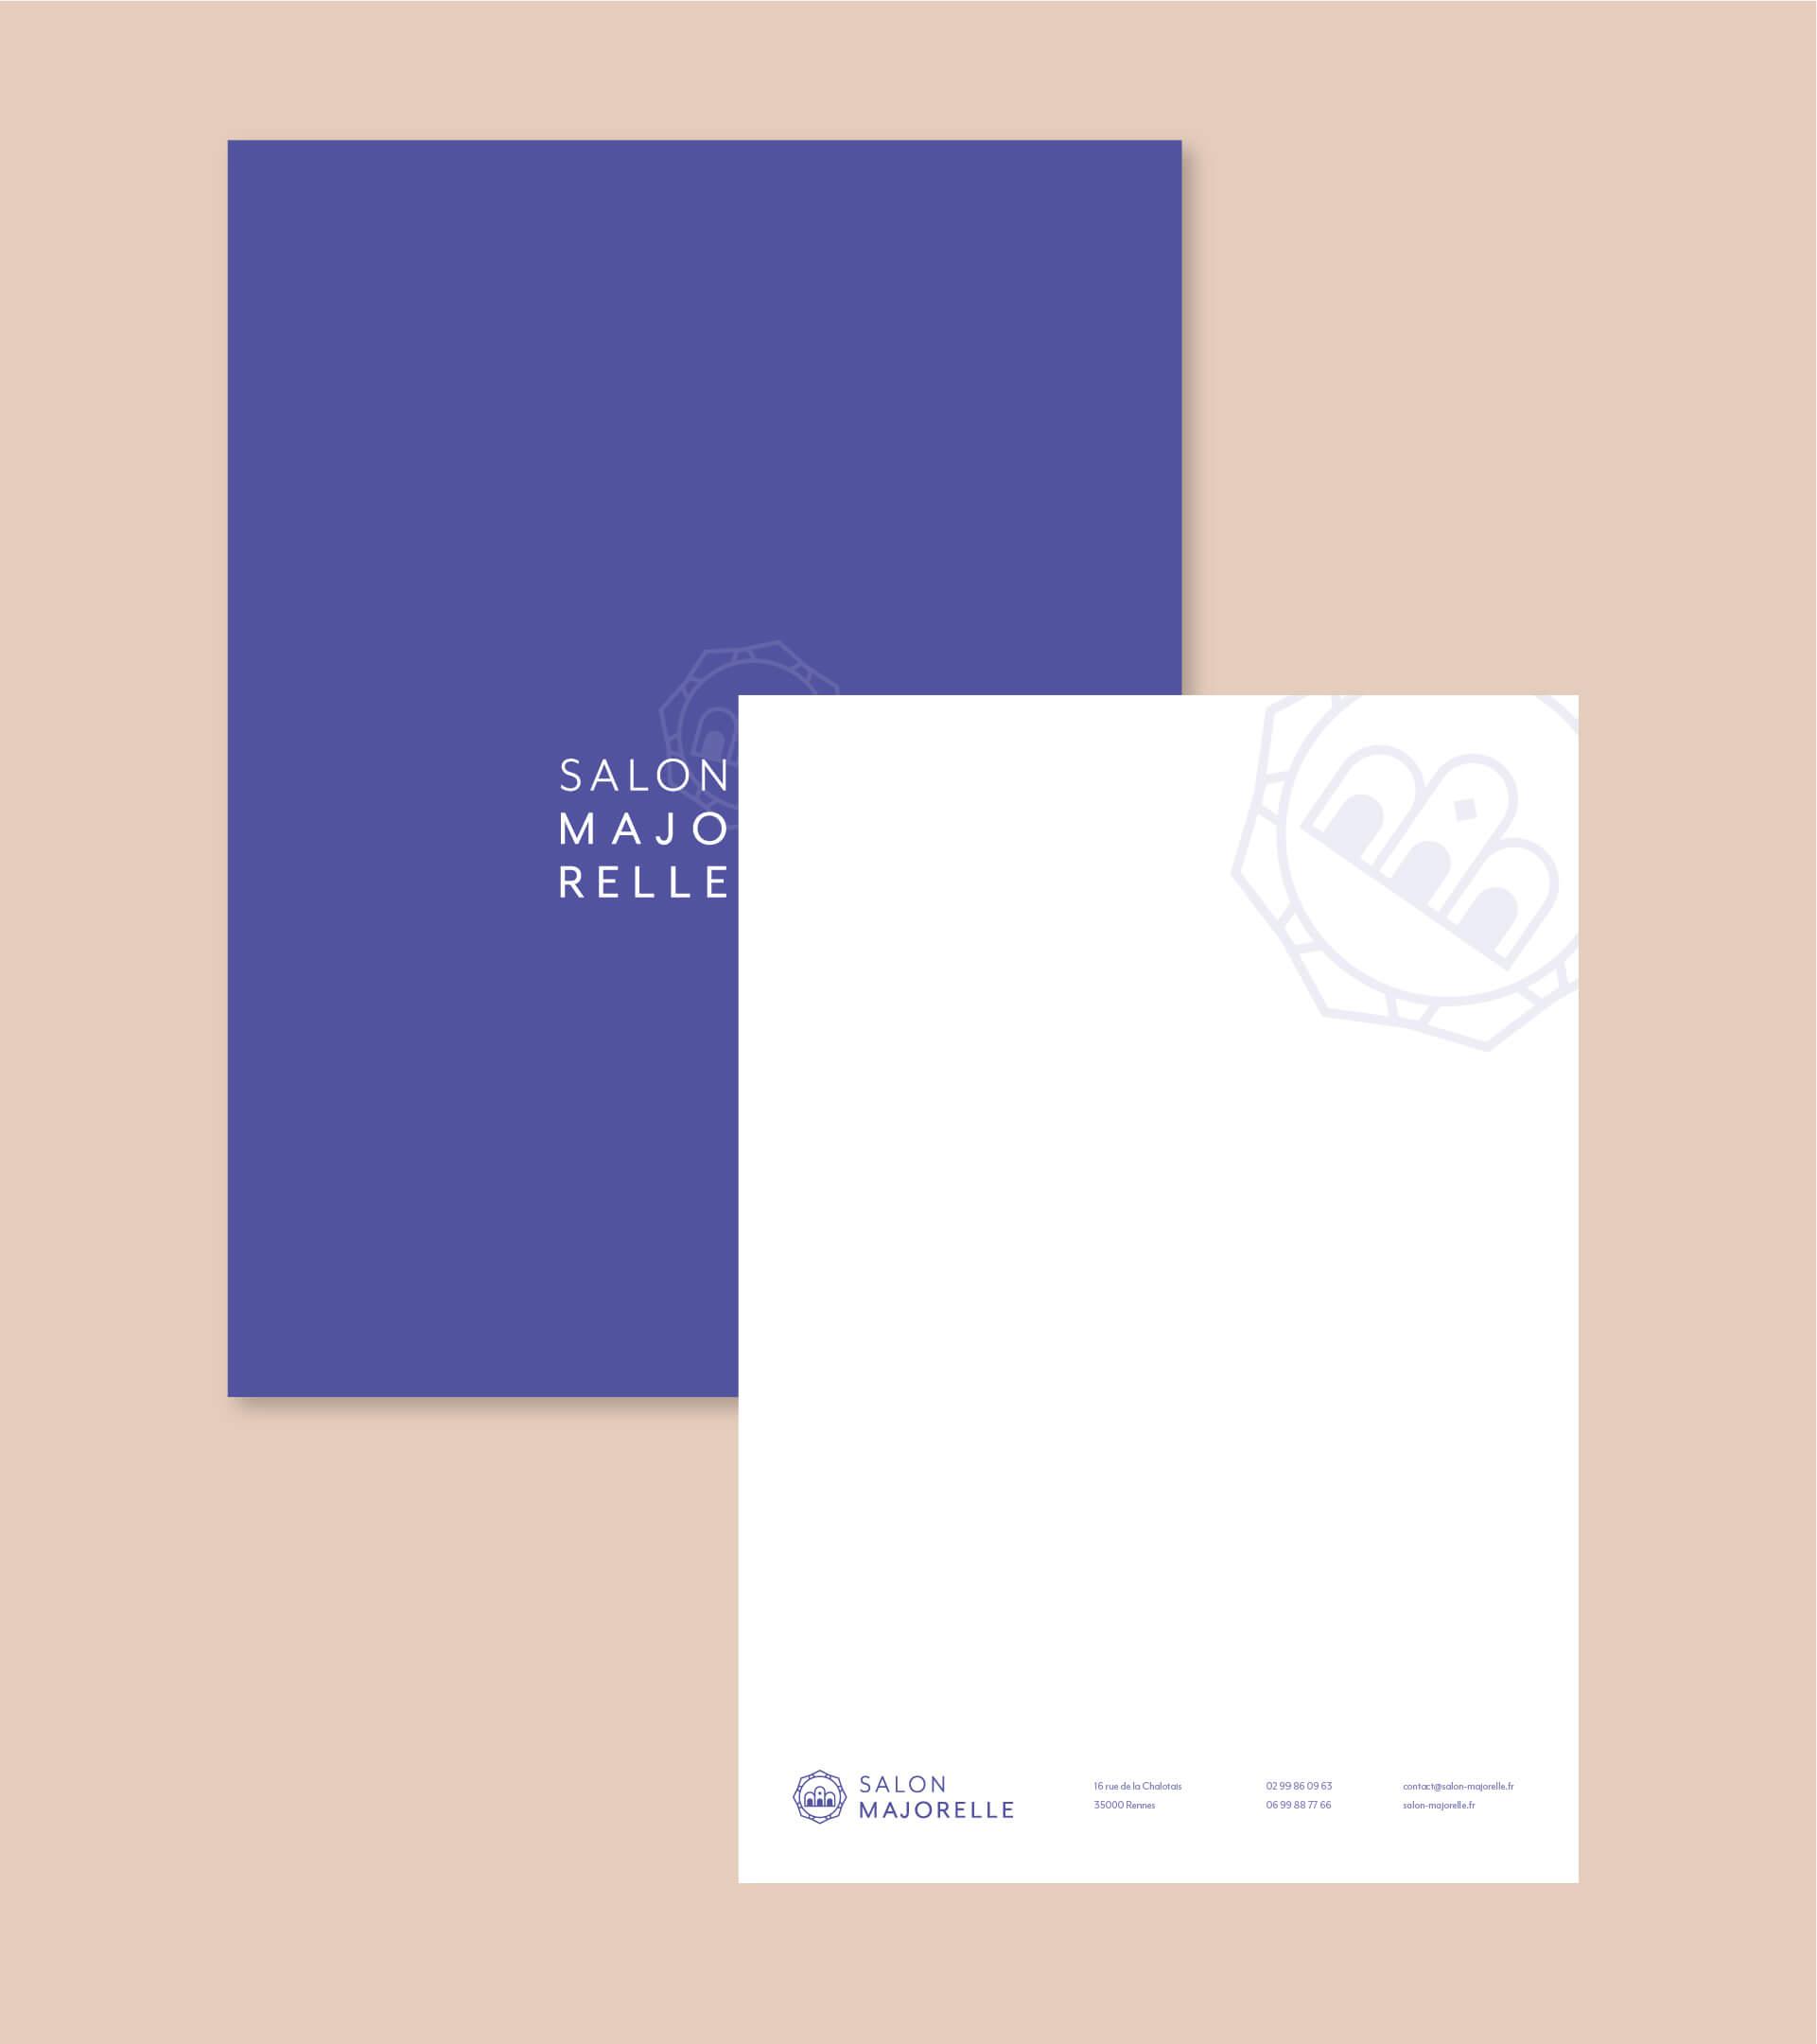 SalonMajorelleEnveloppePapier@2x-100